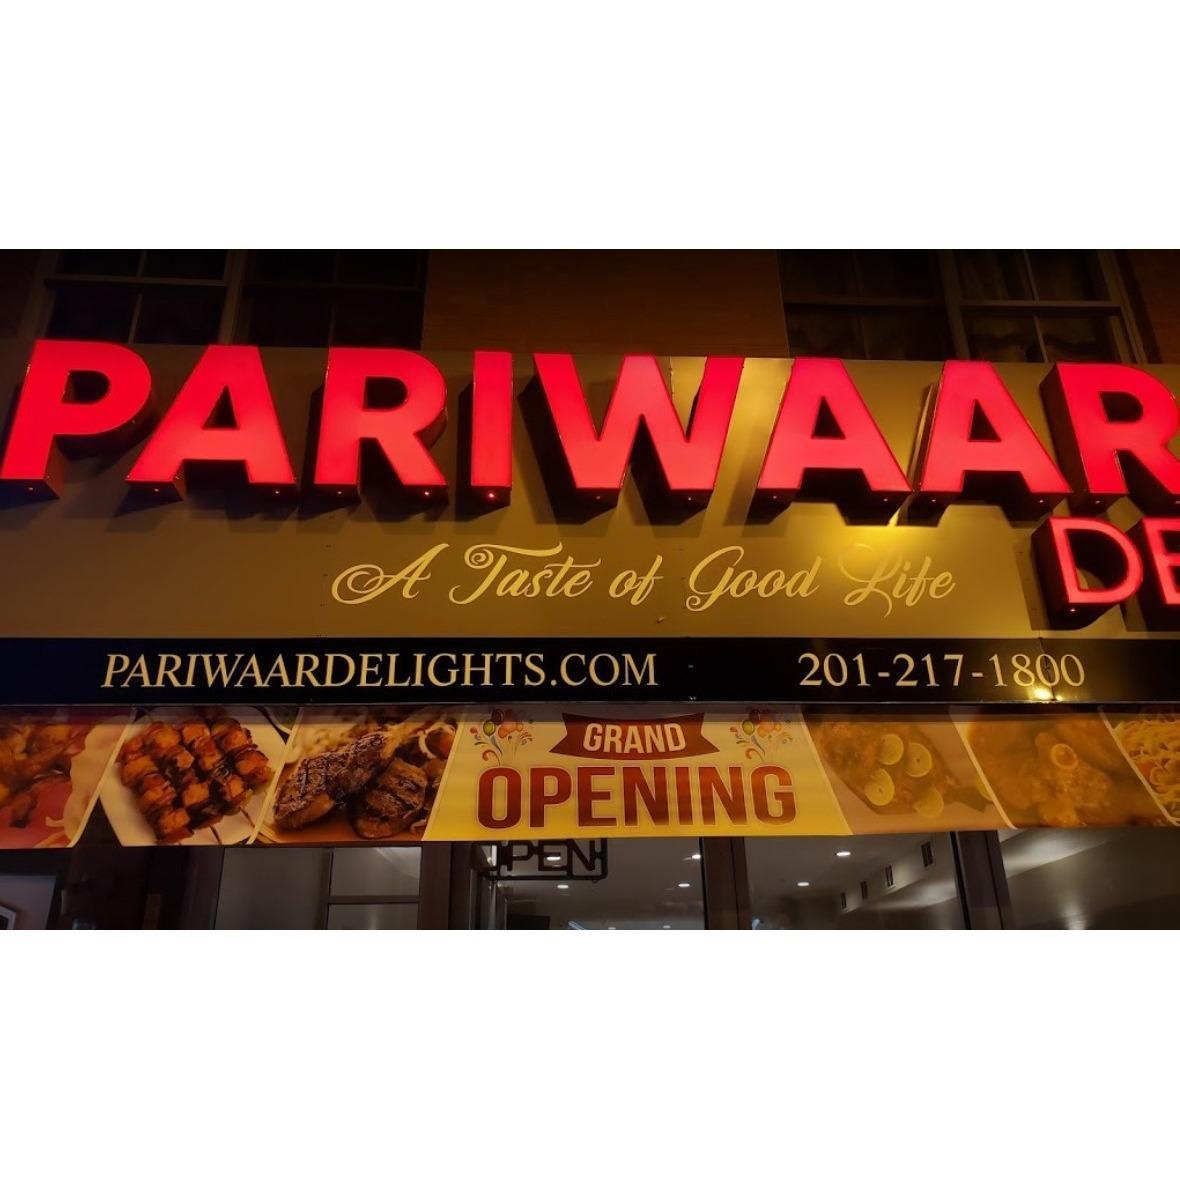 Pariwaar Delights